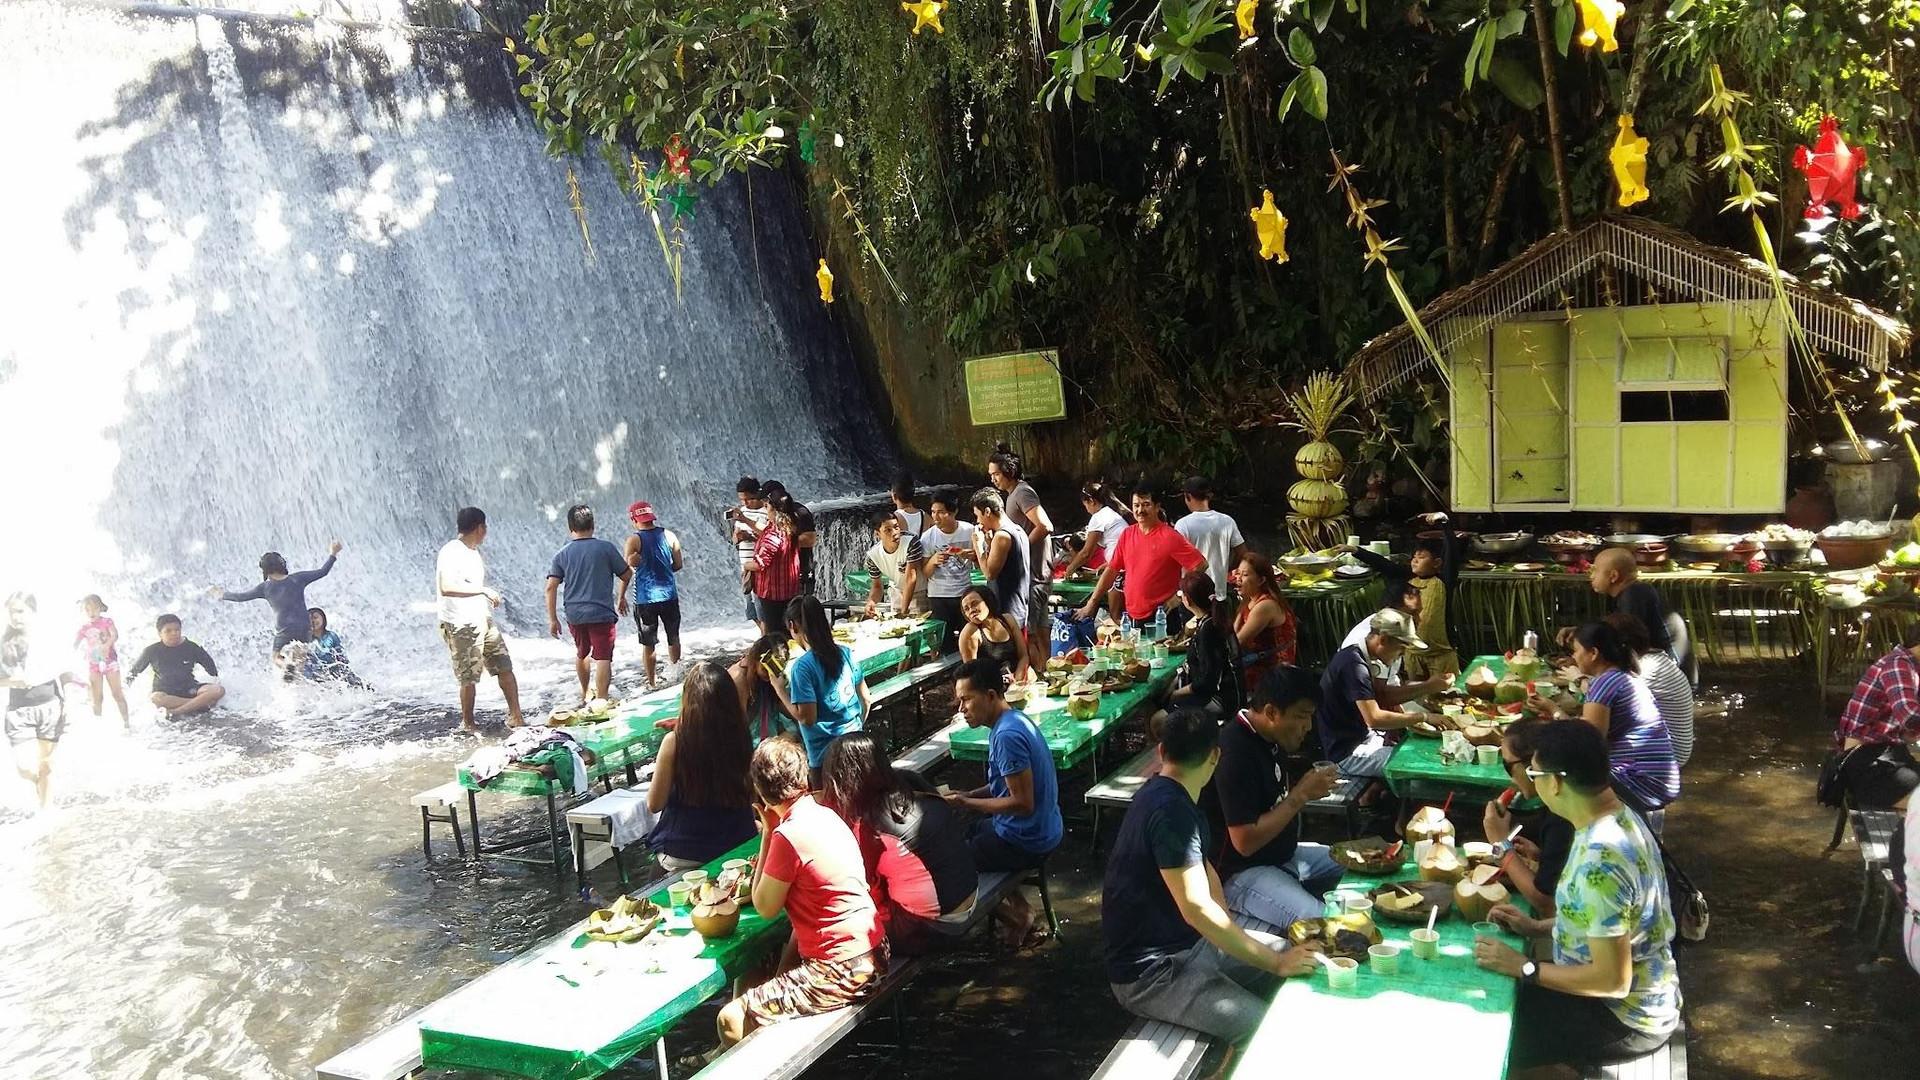 Ăn ngon thêm vạn lần với nhà hàng dưới chân thác độc lạ ở Philippines - 2